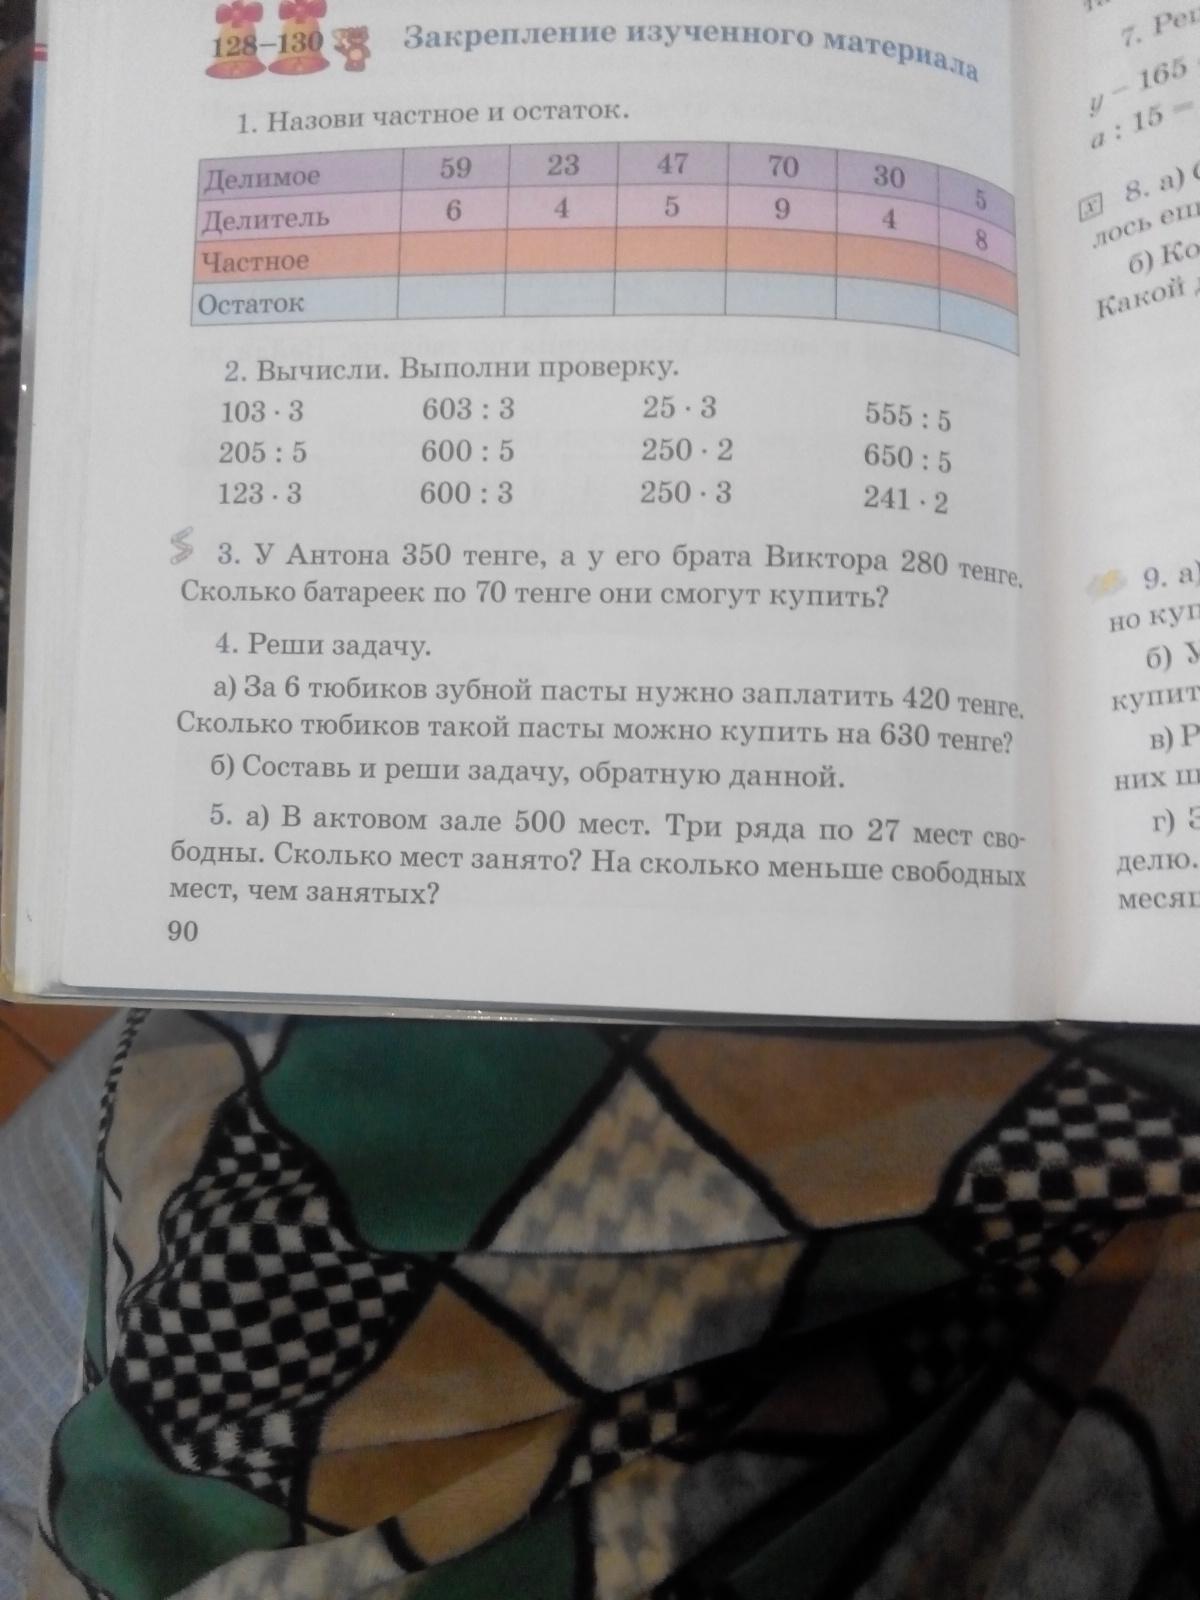 Решите задачу номер 4 пожалуйста под буквой б)